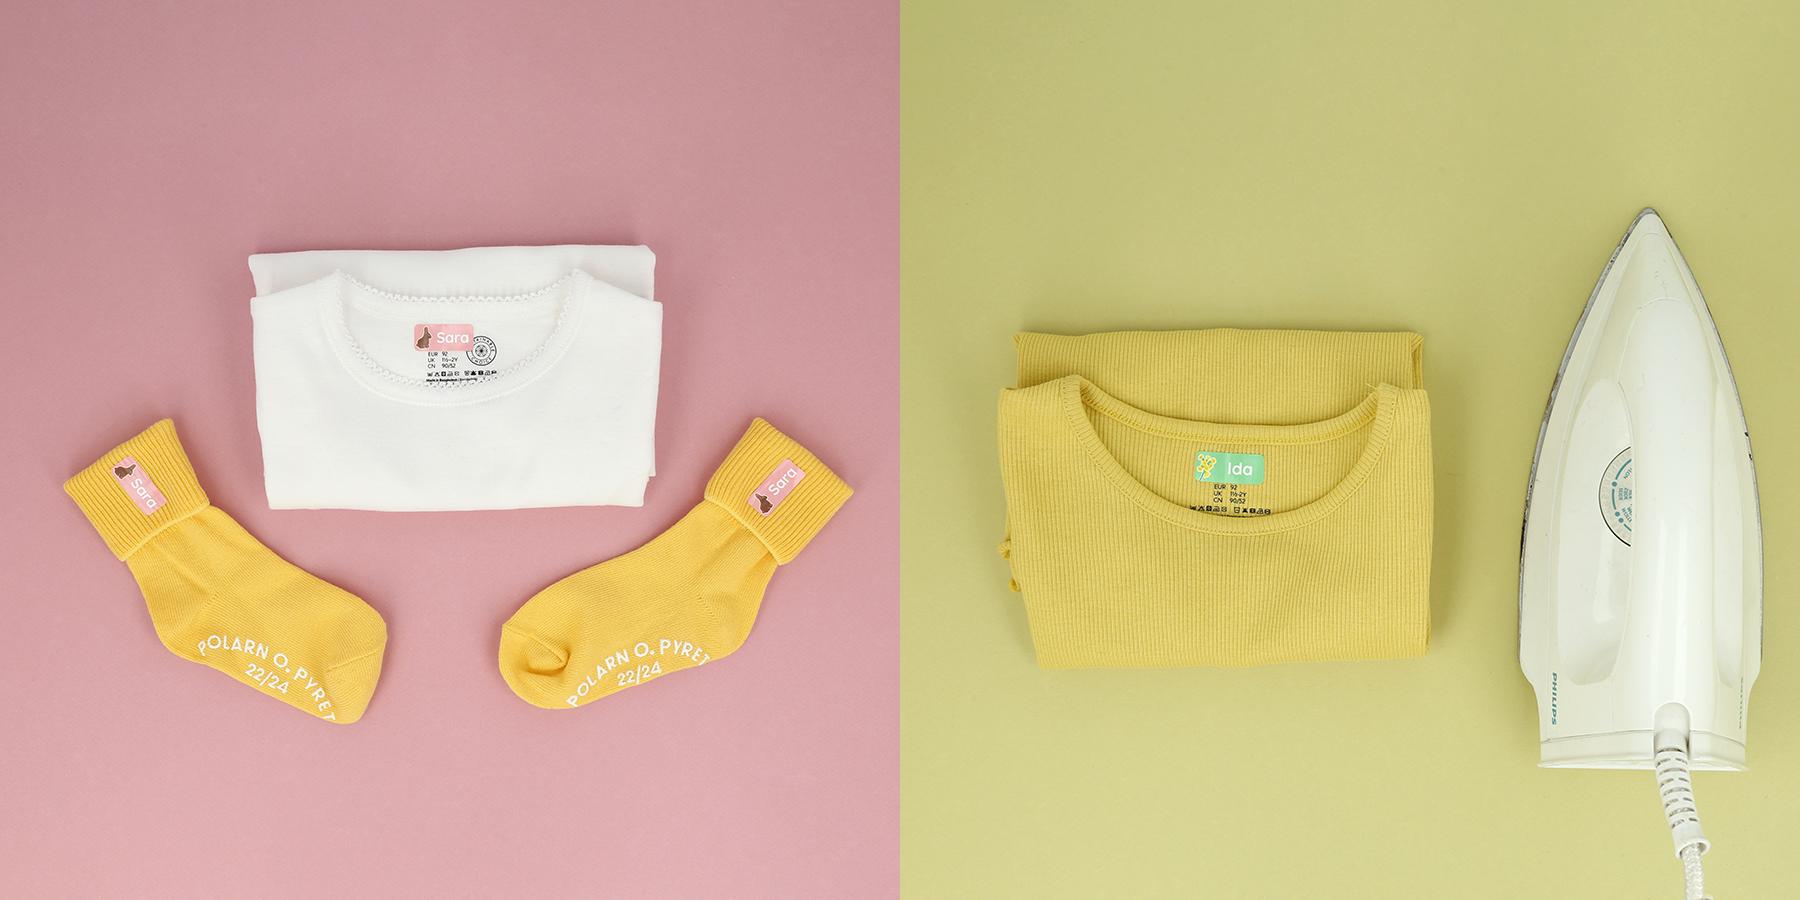 Bügeletiketten für Kleidung - Unsere Namensetiketten